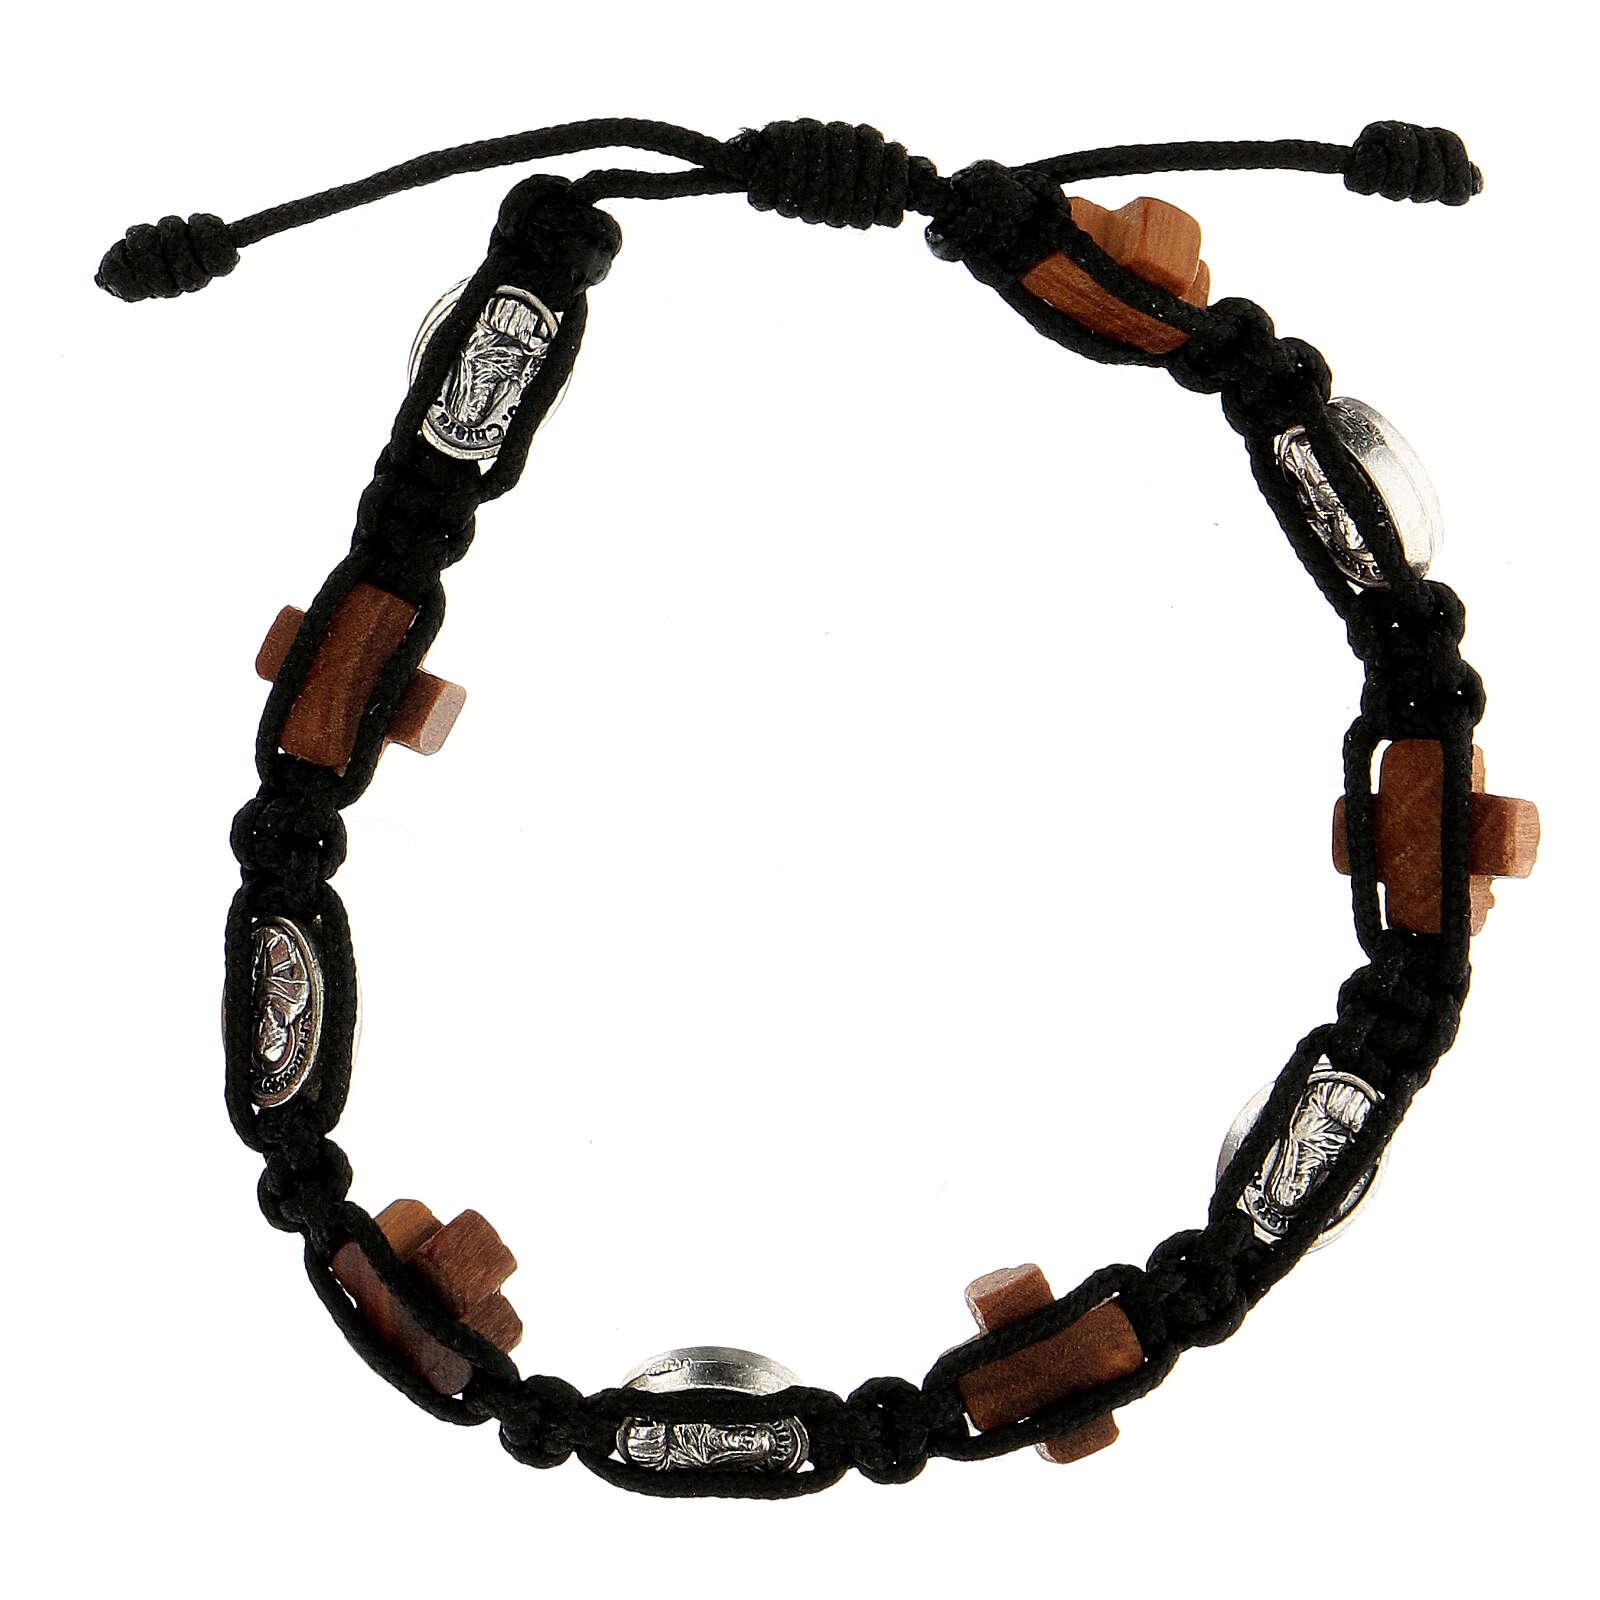 Bracciale Medjugorje corda nera medagliette croci legno ulivo 4